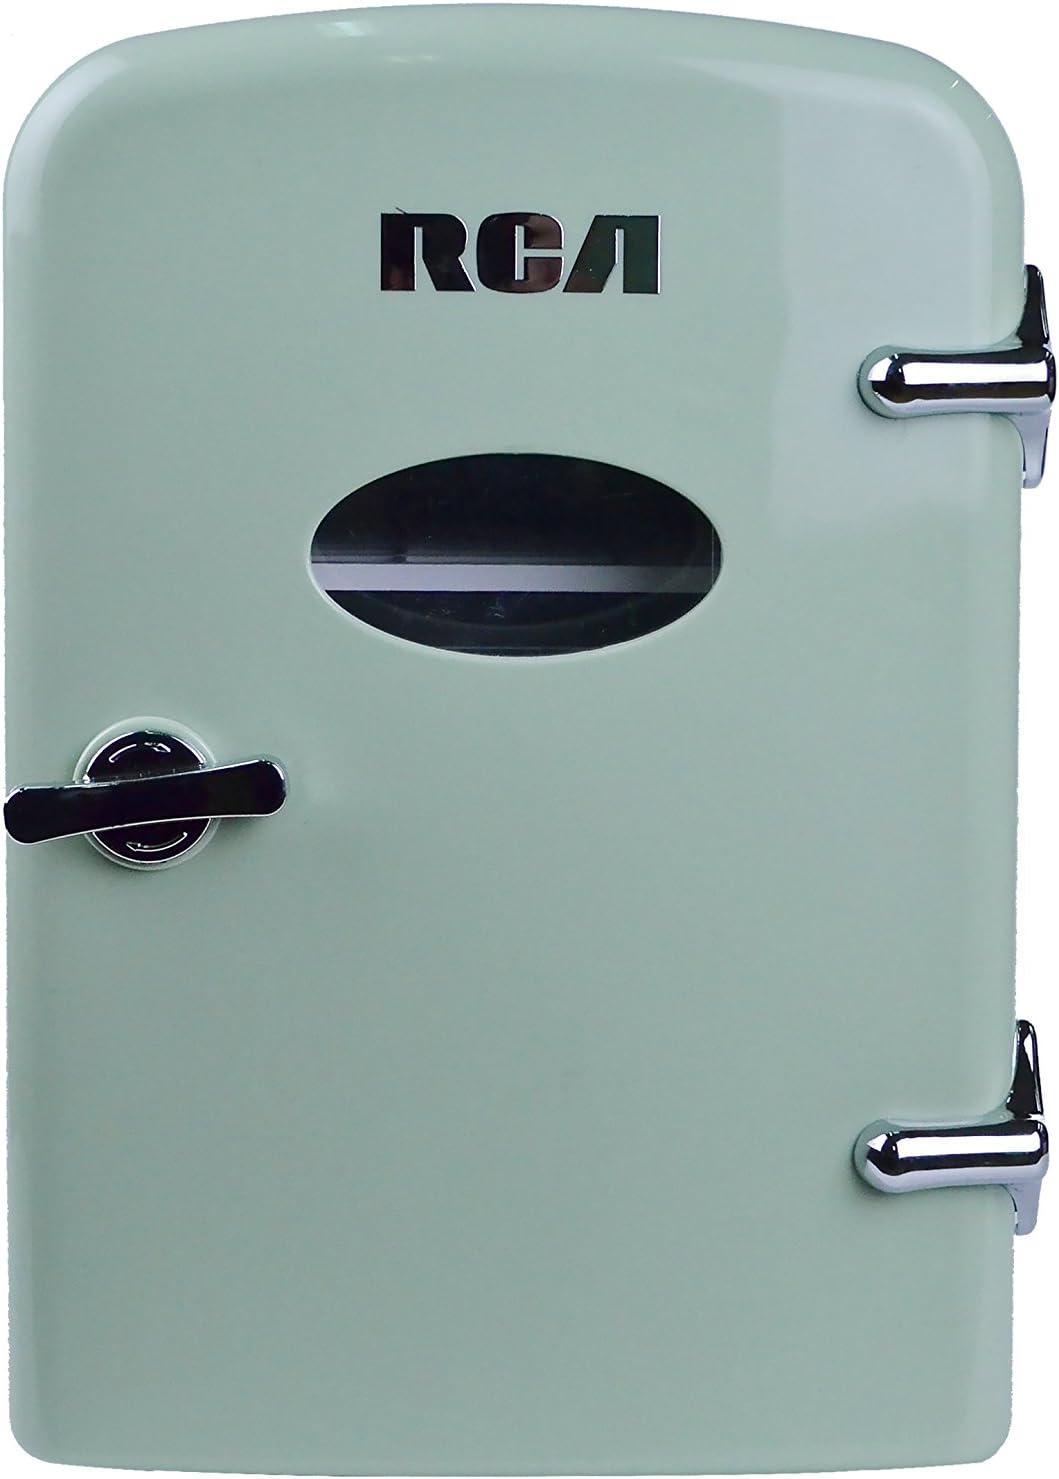 Amazon.com: Refrigeradores compactos por RCA - Multicolor ...